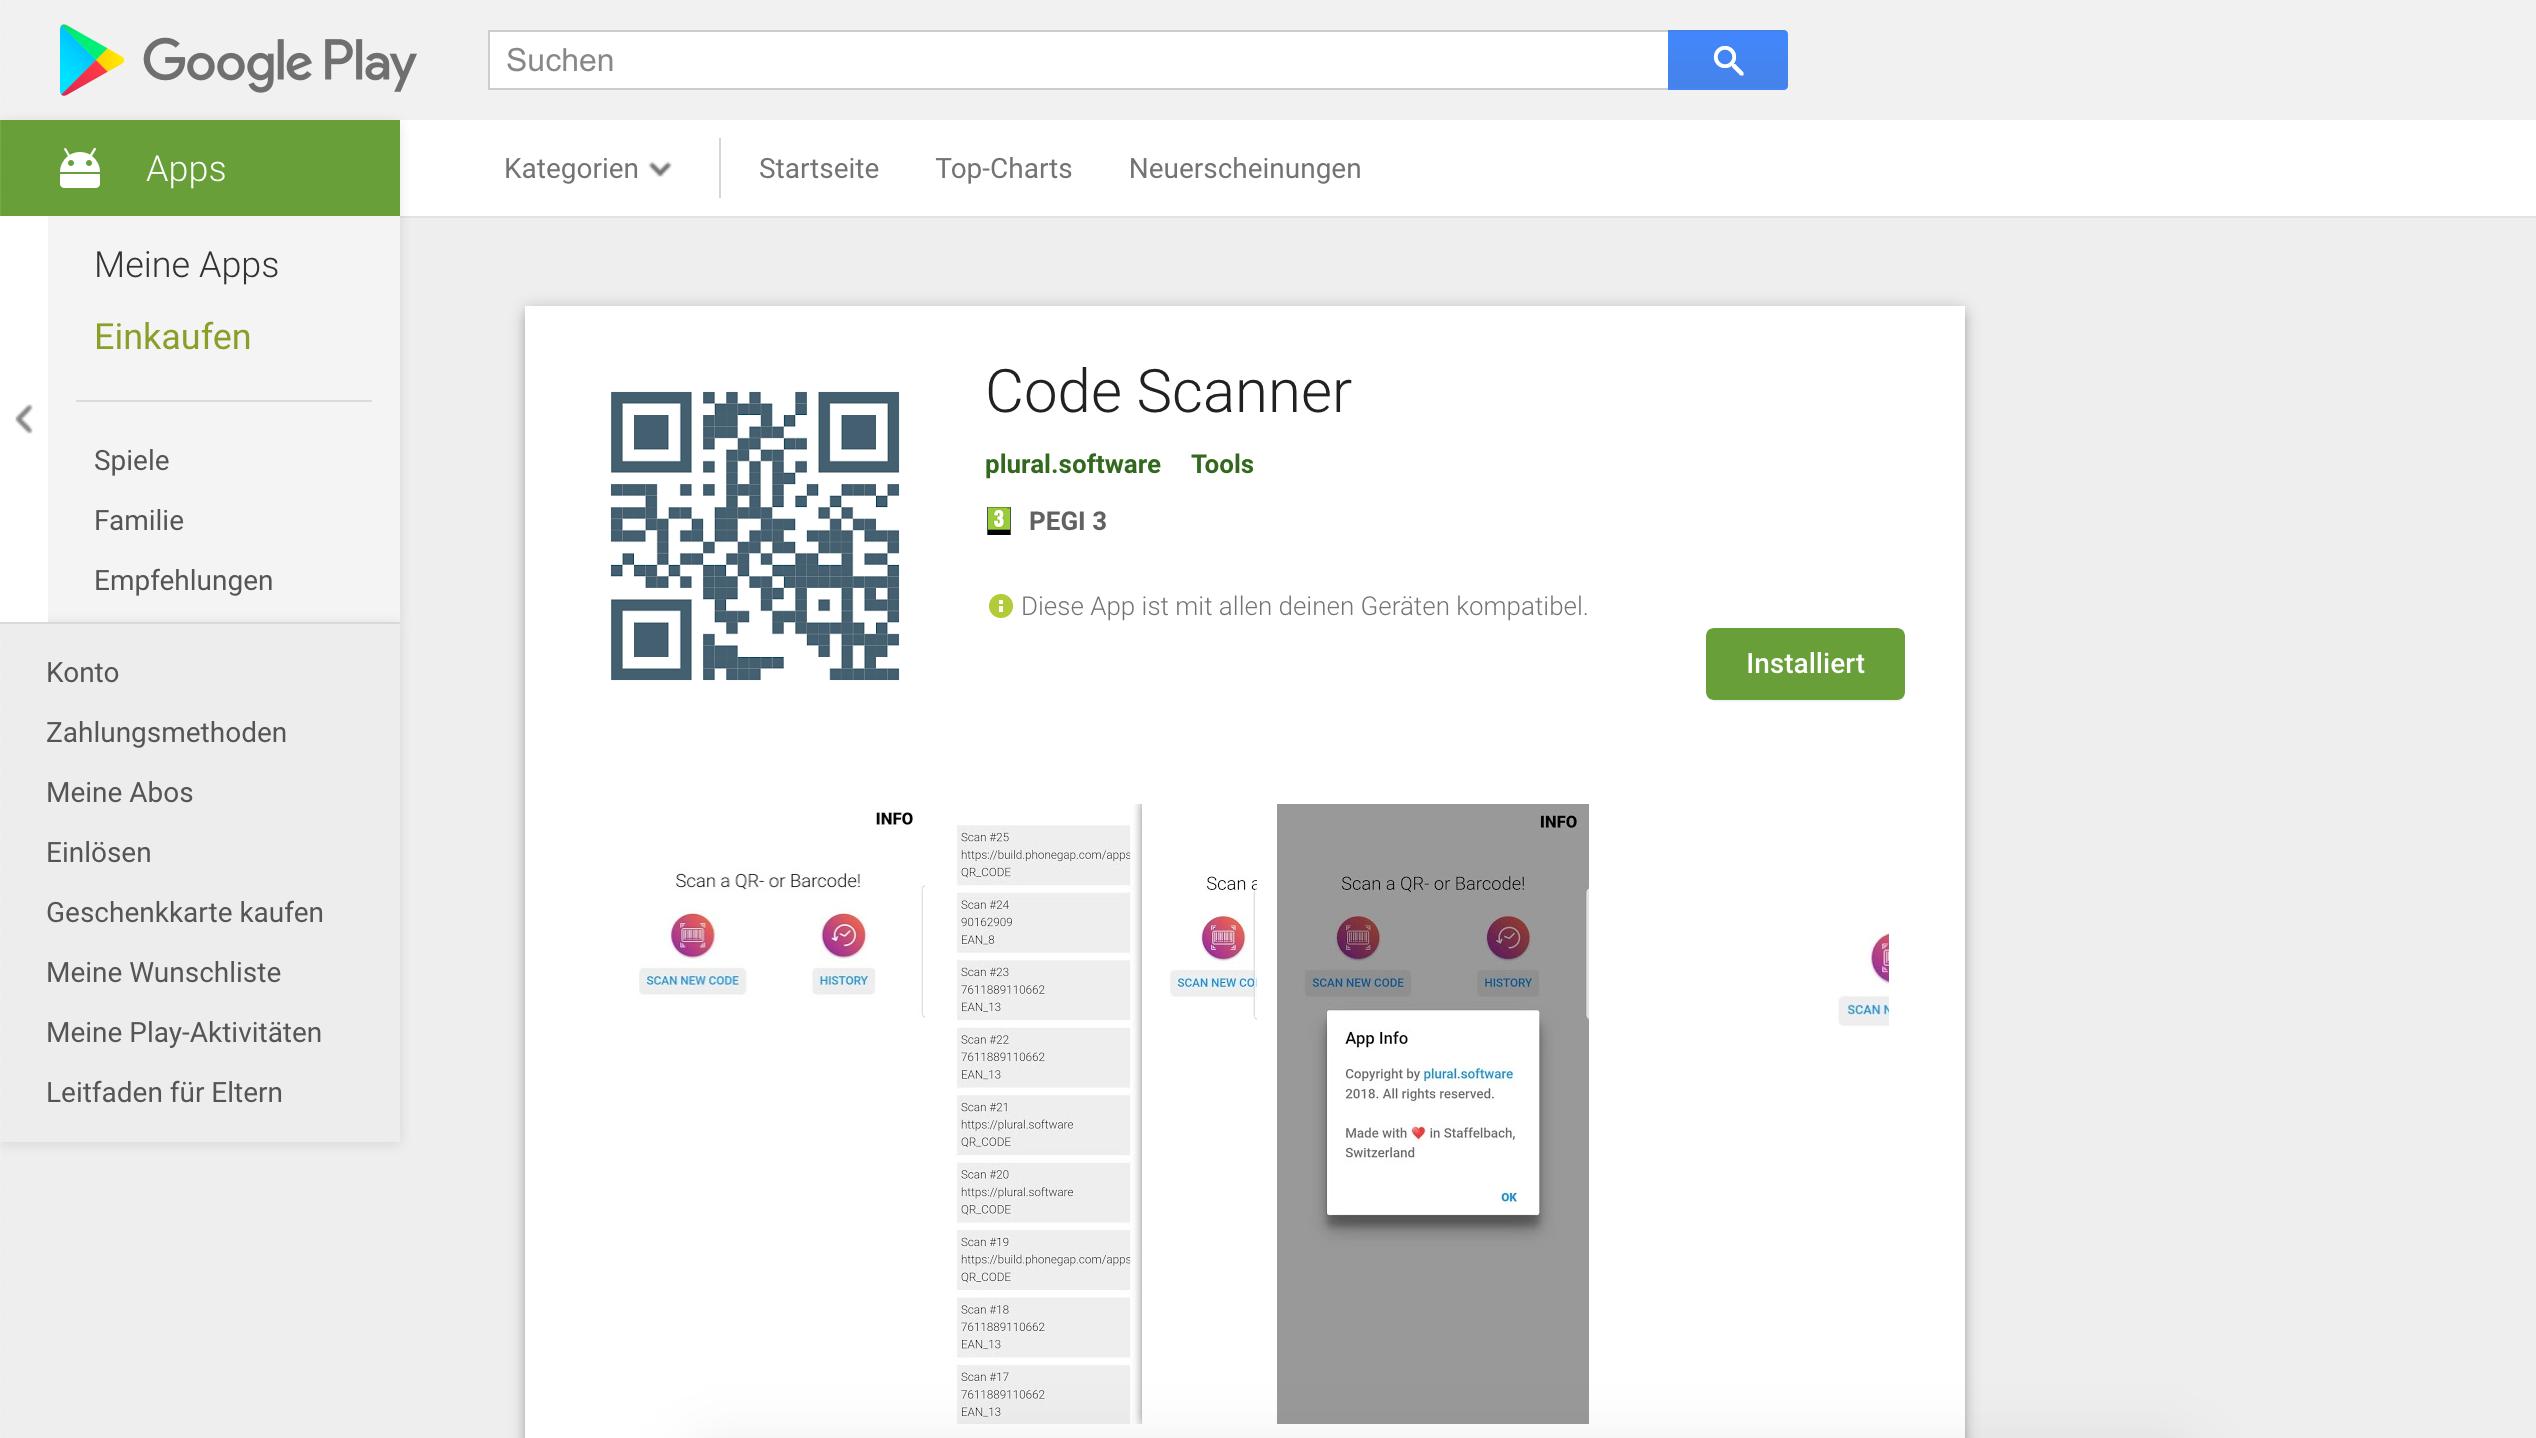 Erstes Dienstprogramm auf Google Play verfügbar